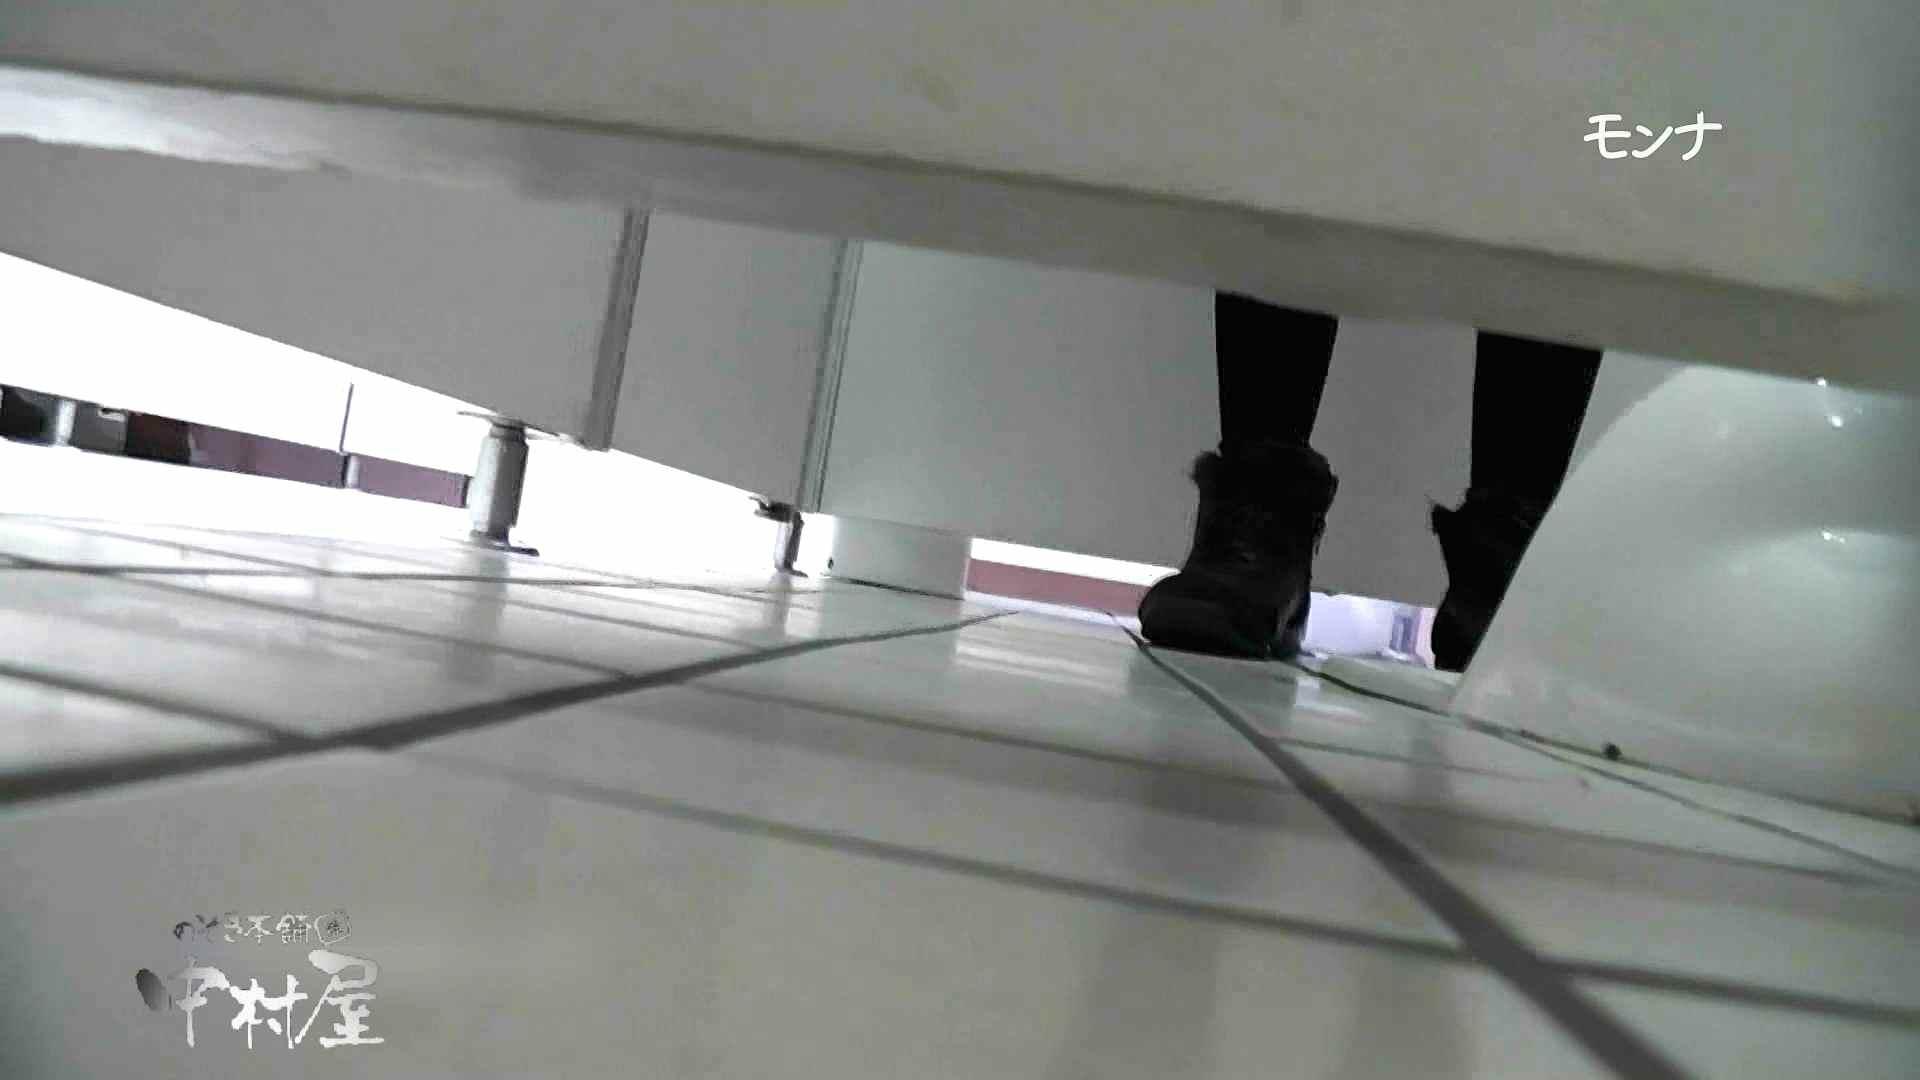 【美しい日本の未来】遂に!!戸田恵梨香似の予告モデル登場ダッシュで「大」後編 おまんこ無修正 | 覗き放題  59画像 52